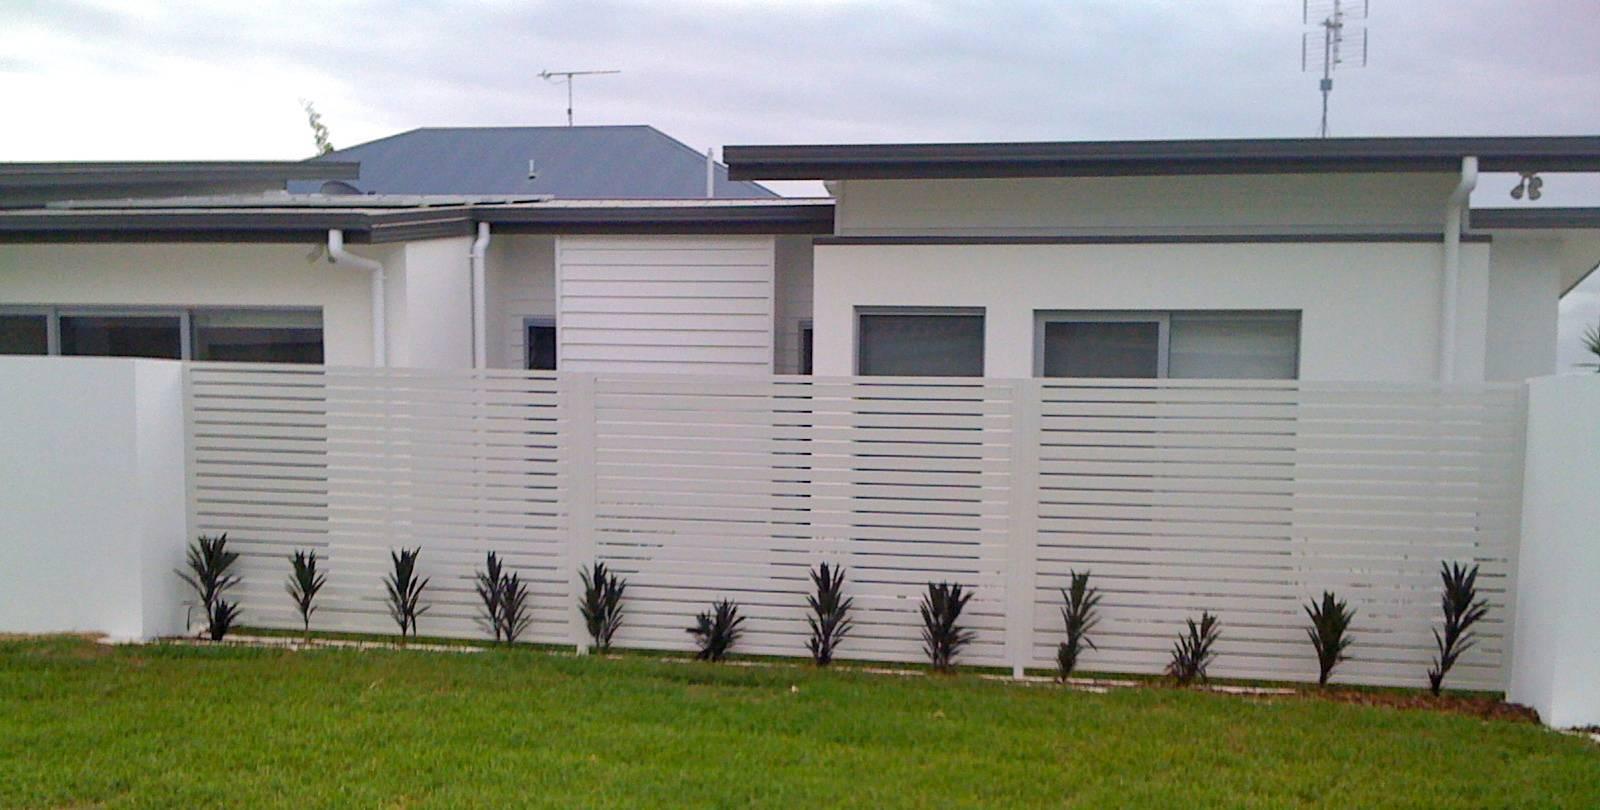 Horizontal slatted fence panels